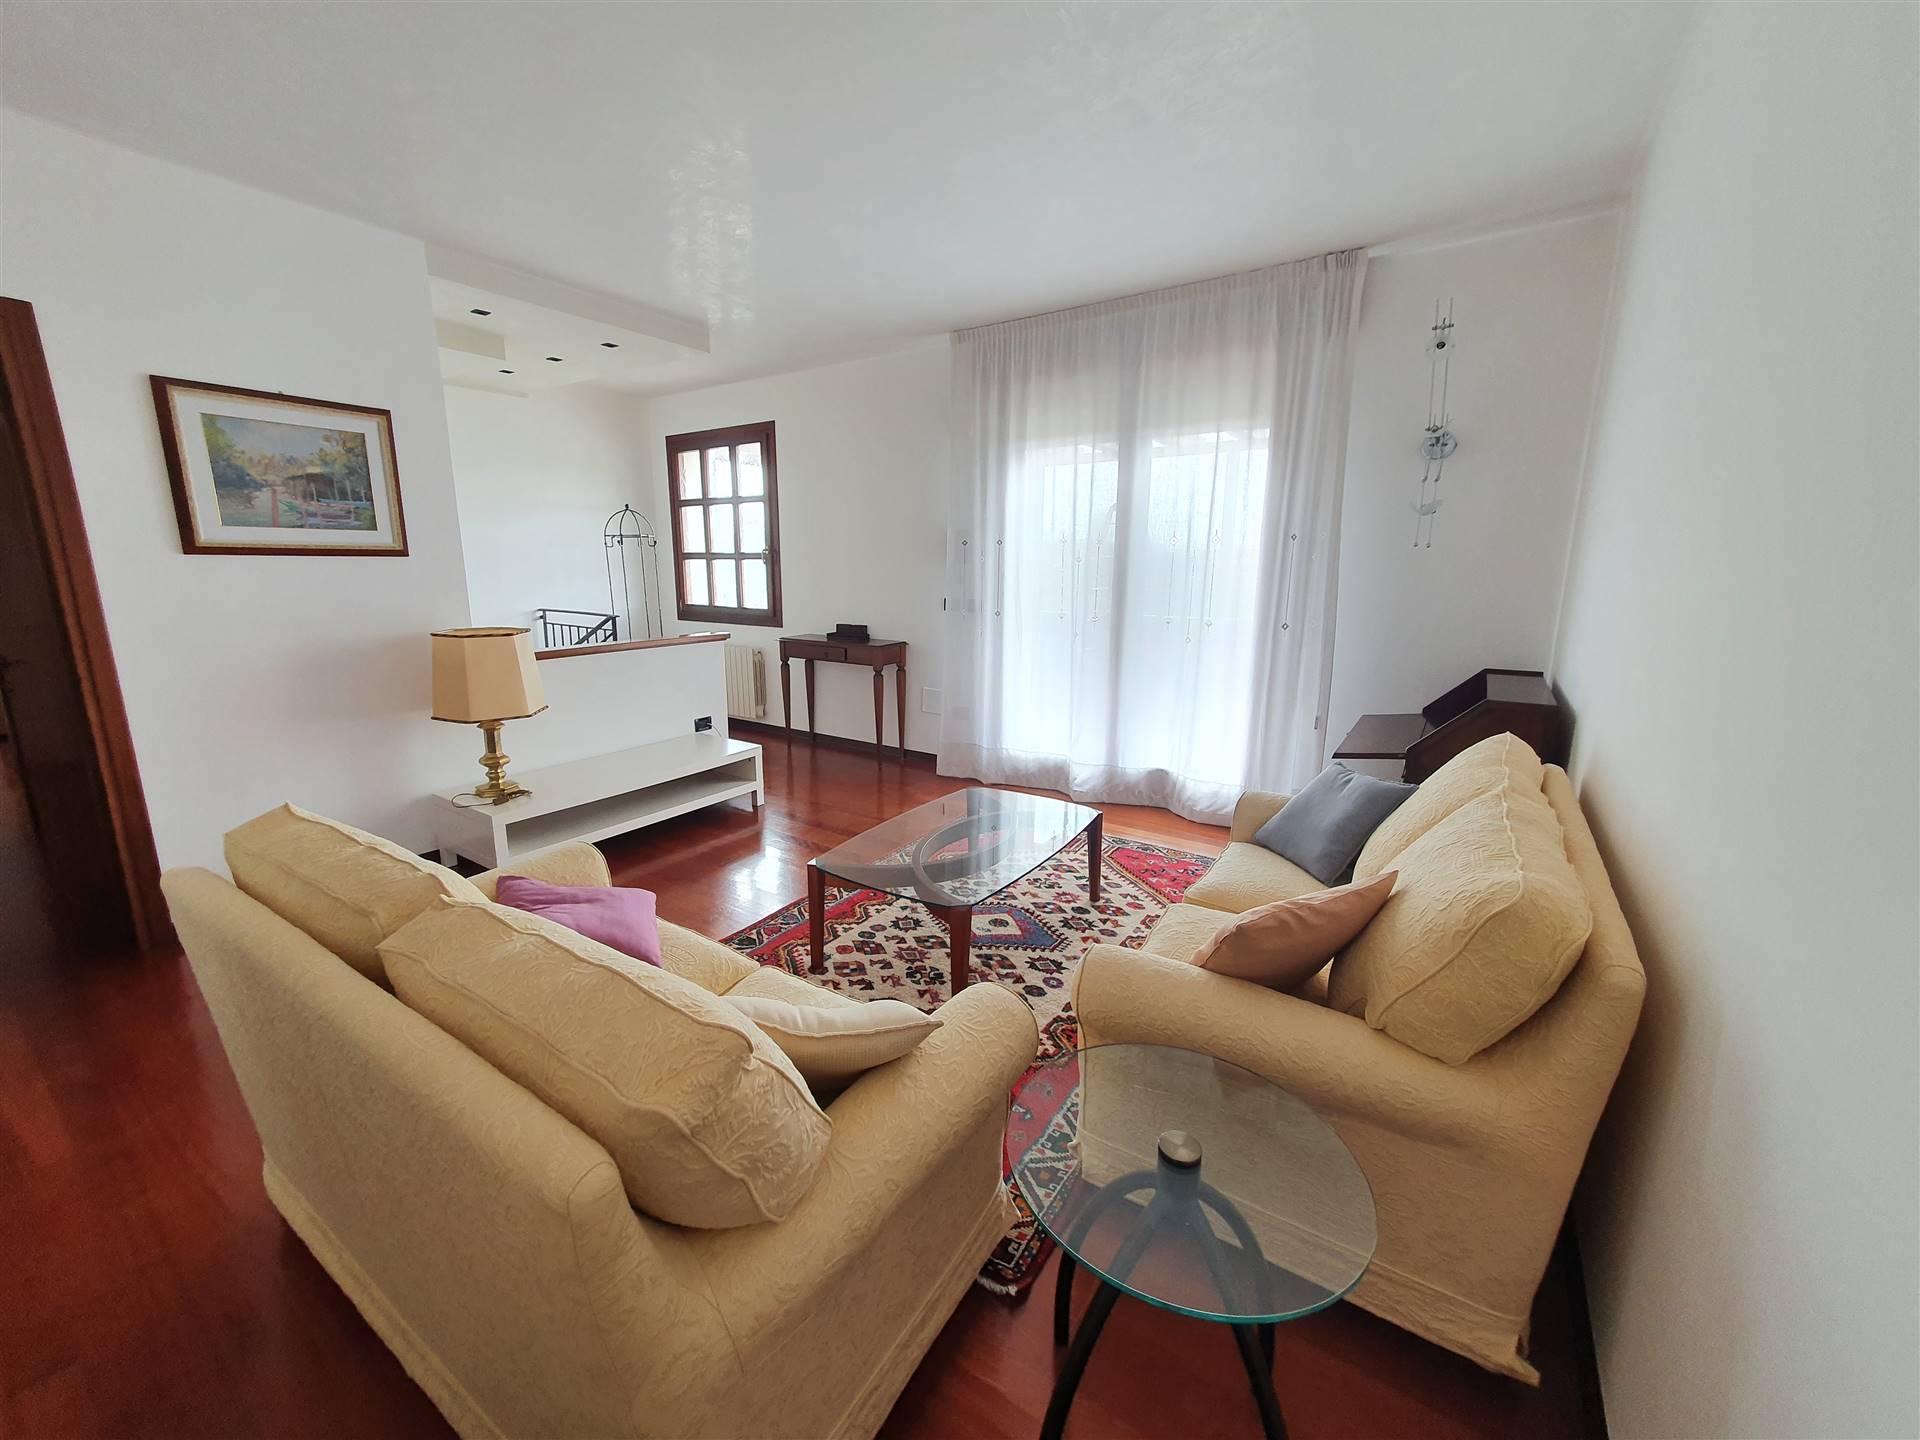 Soluzione Semindipendente in affitto a Quarto d'Altino, 6 locali, zona Zona: Crete, prezzo € 600   CambioCasa.it